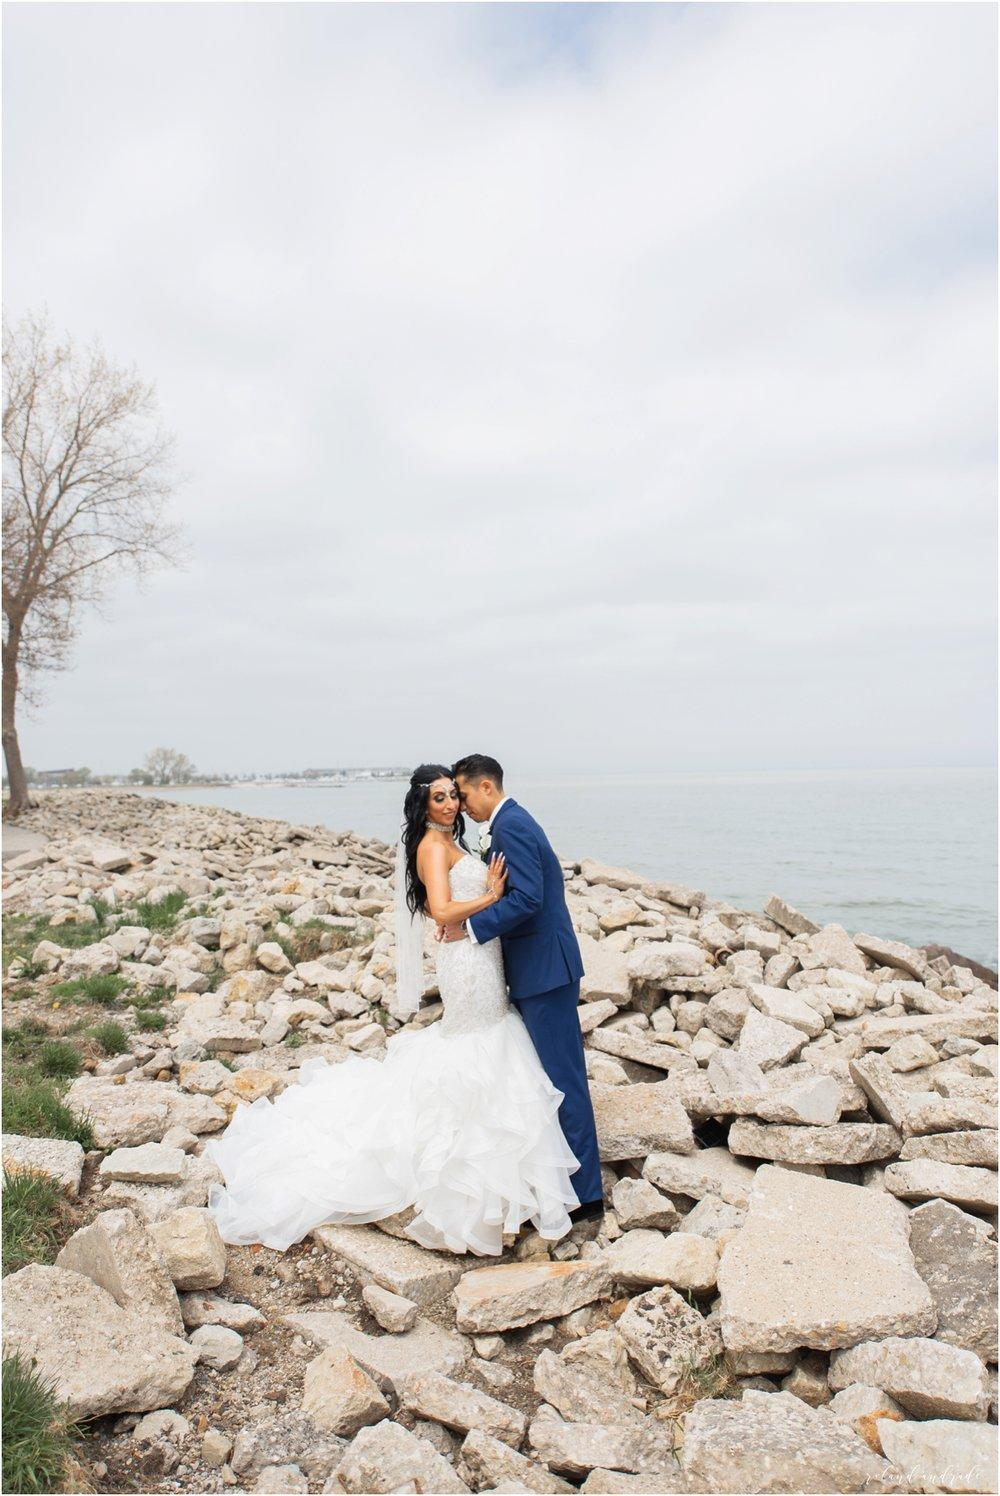 Italian American Society Wedding in Kenosha Wisconsin, Kenosha Wisconsin Wedding Photographer, Chicago Wedding Photography Kenosha Mexican Italian Wedding_0049.jpg